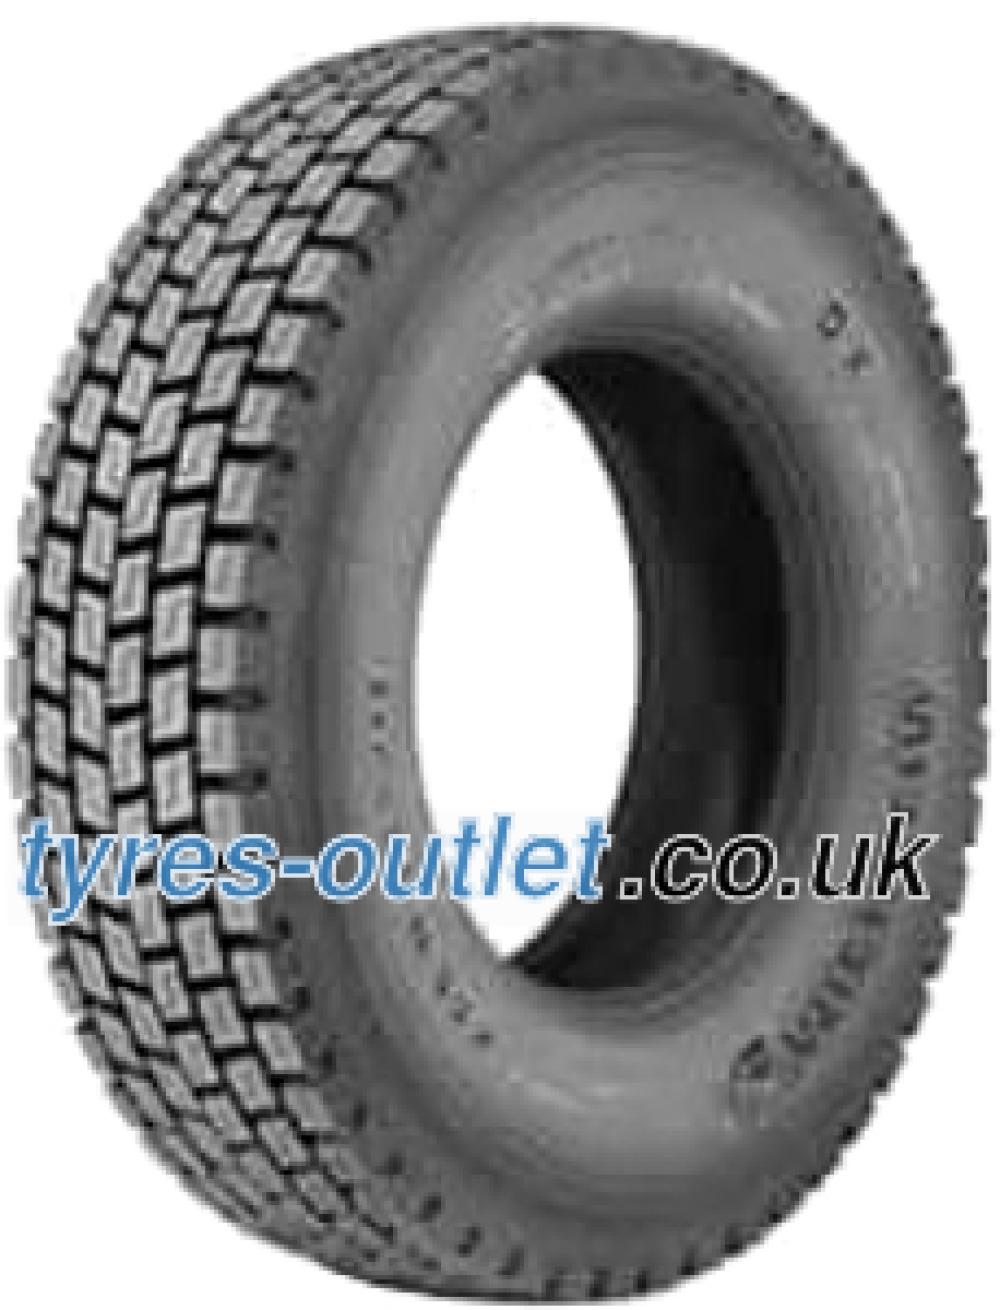 Michelin XD All Road ( 295/80 R22.5 152/148L )